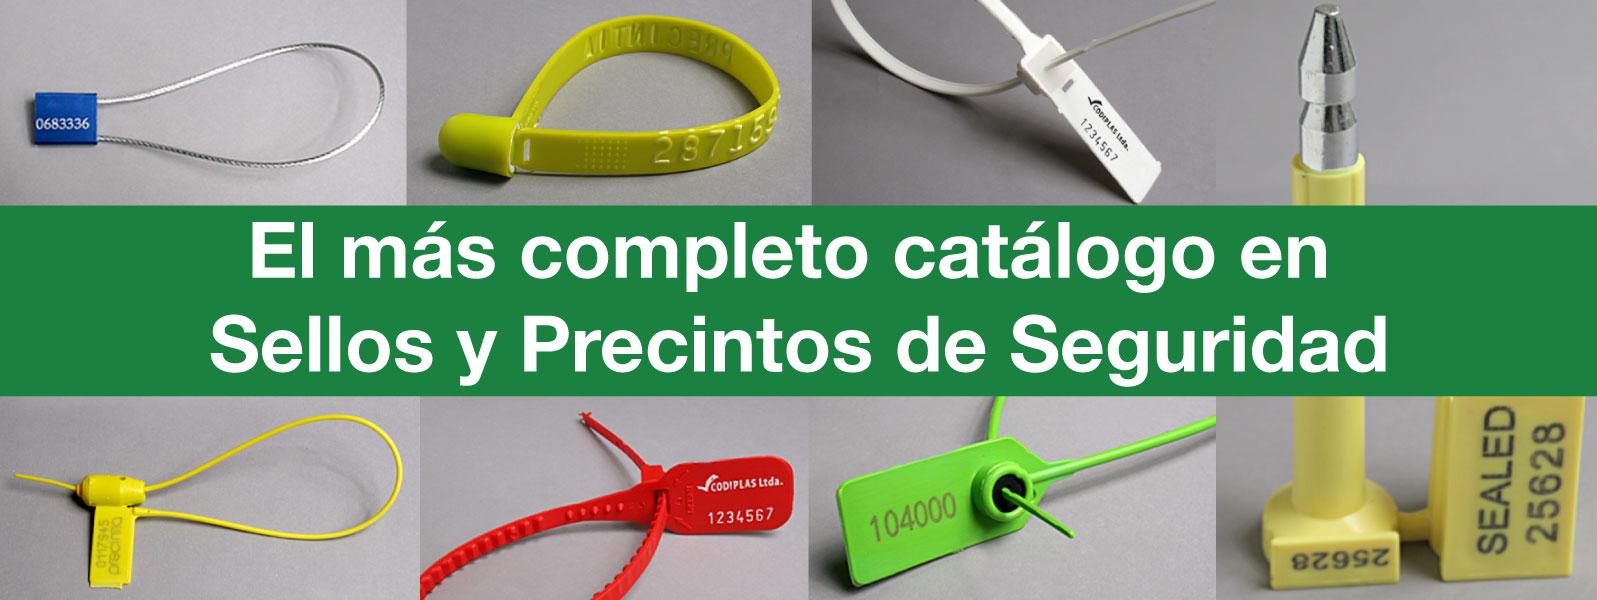 slider_sellos_precintos-de-seguridad_codiplas_1597x600